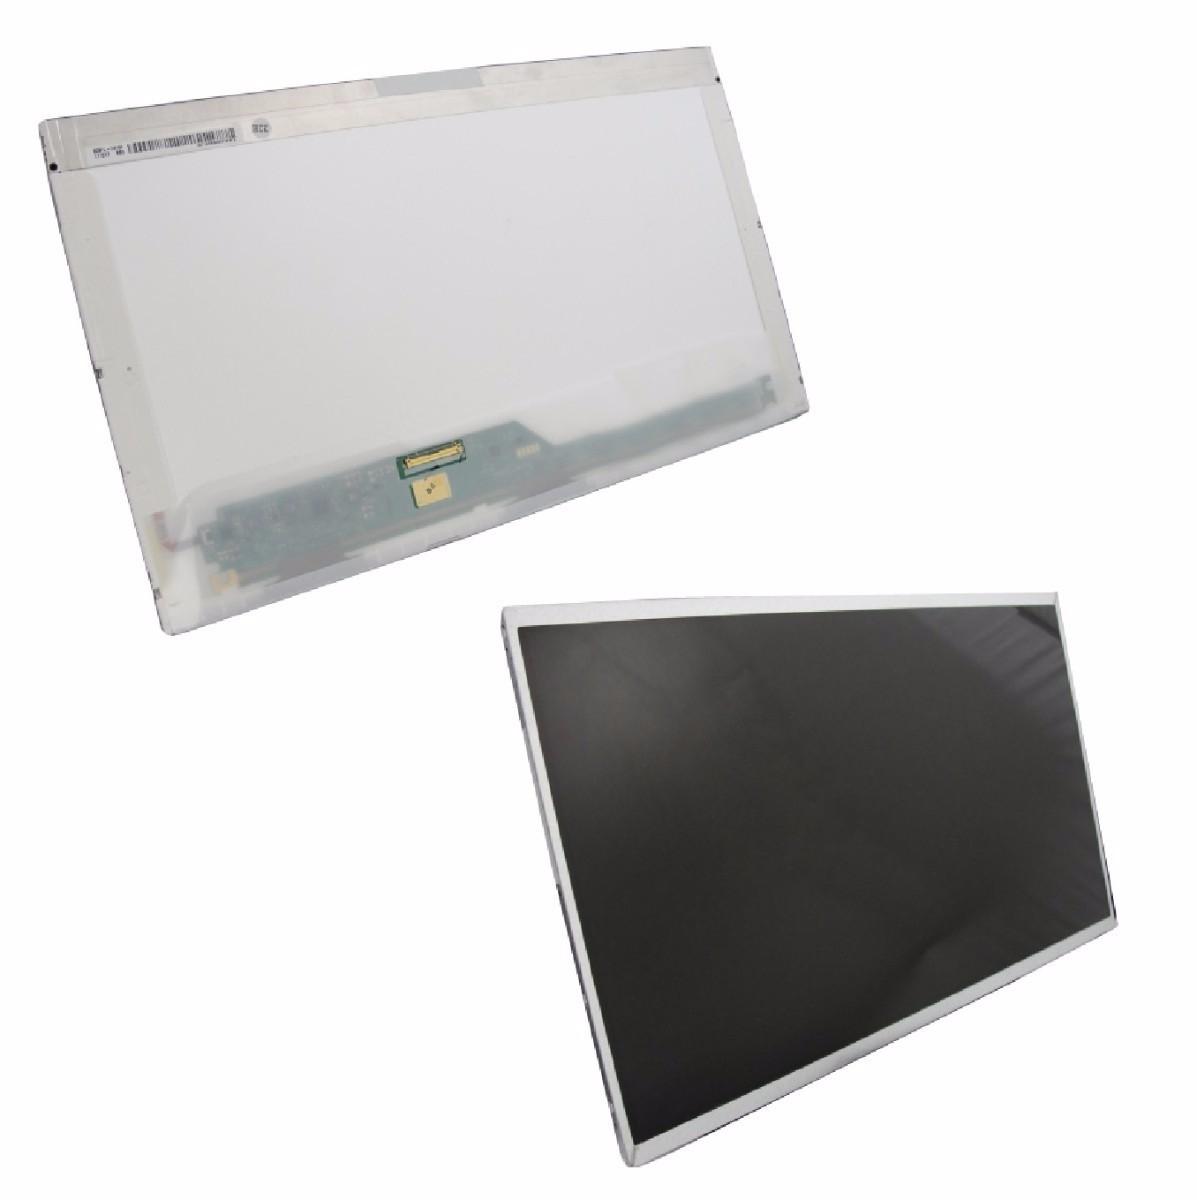 Tela Display LED 14 Polegadas p/ Notebook - Retirado